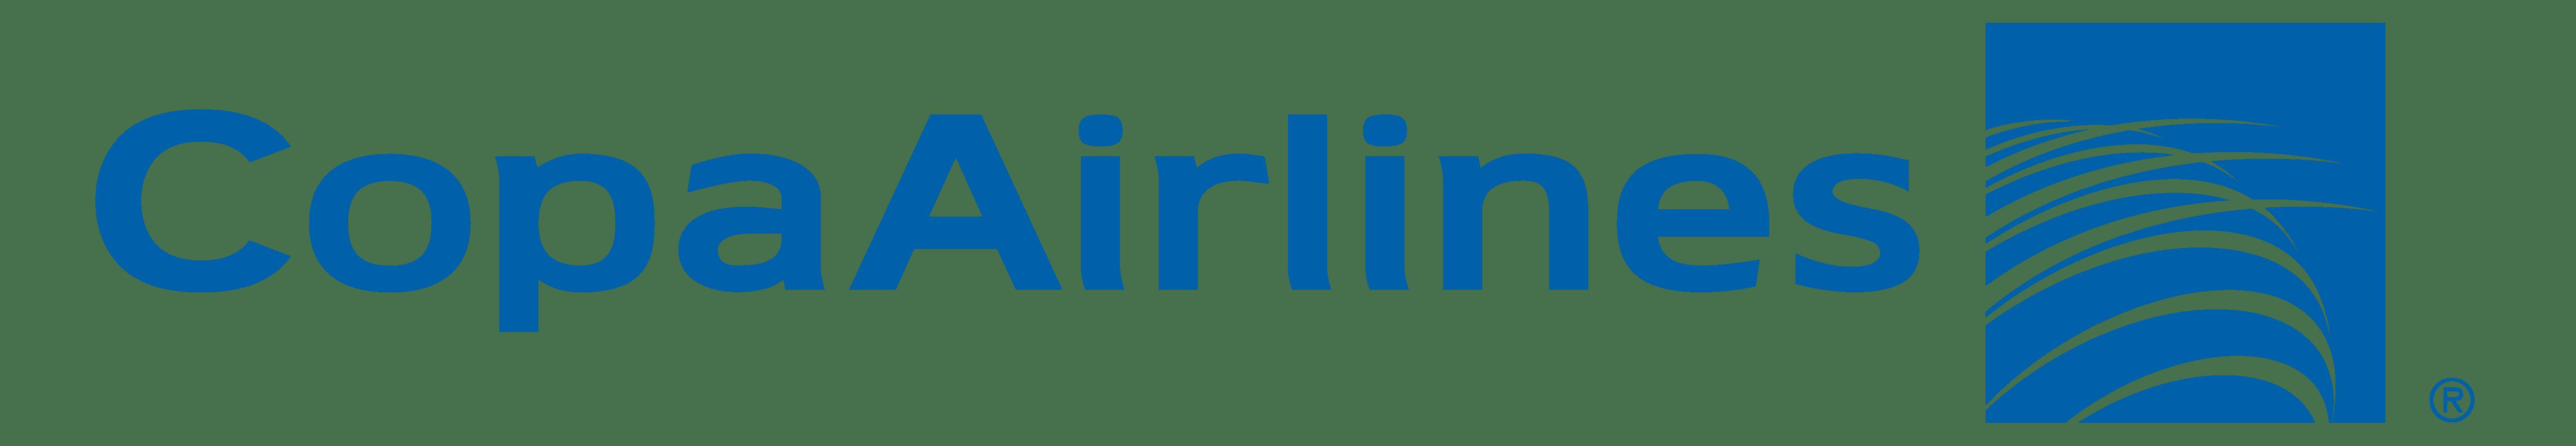 Resultado de imagen para Copa Airlines png